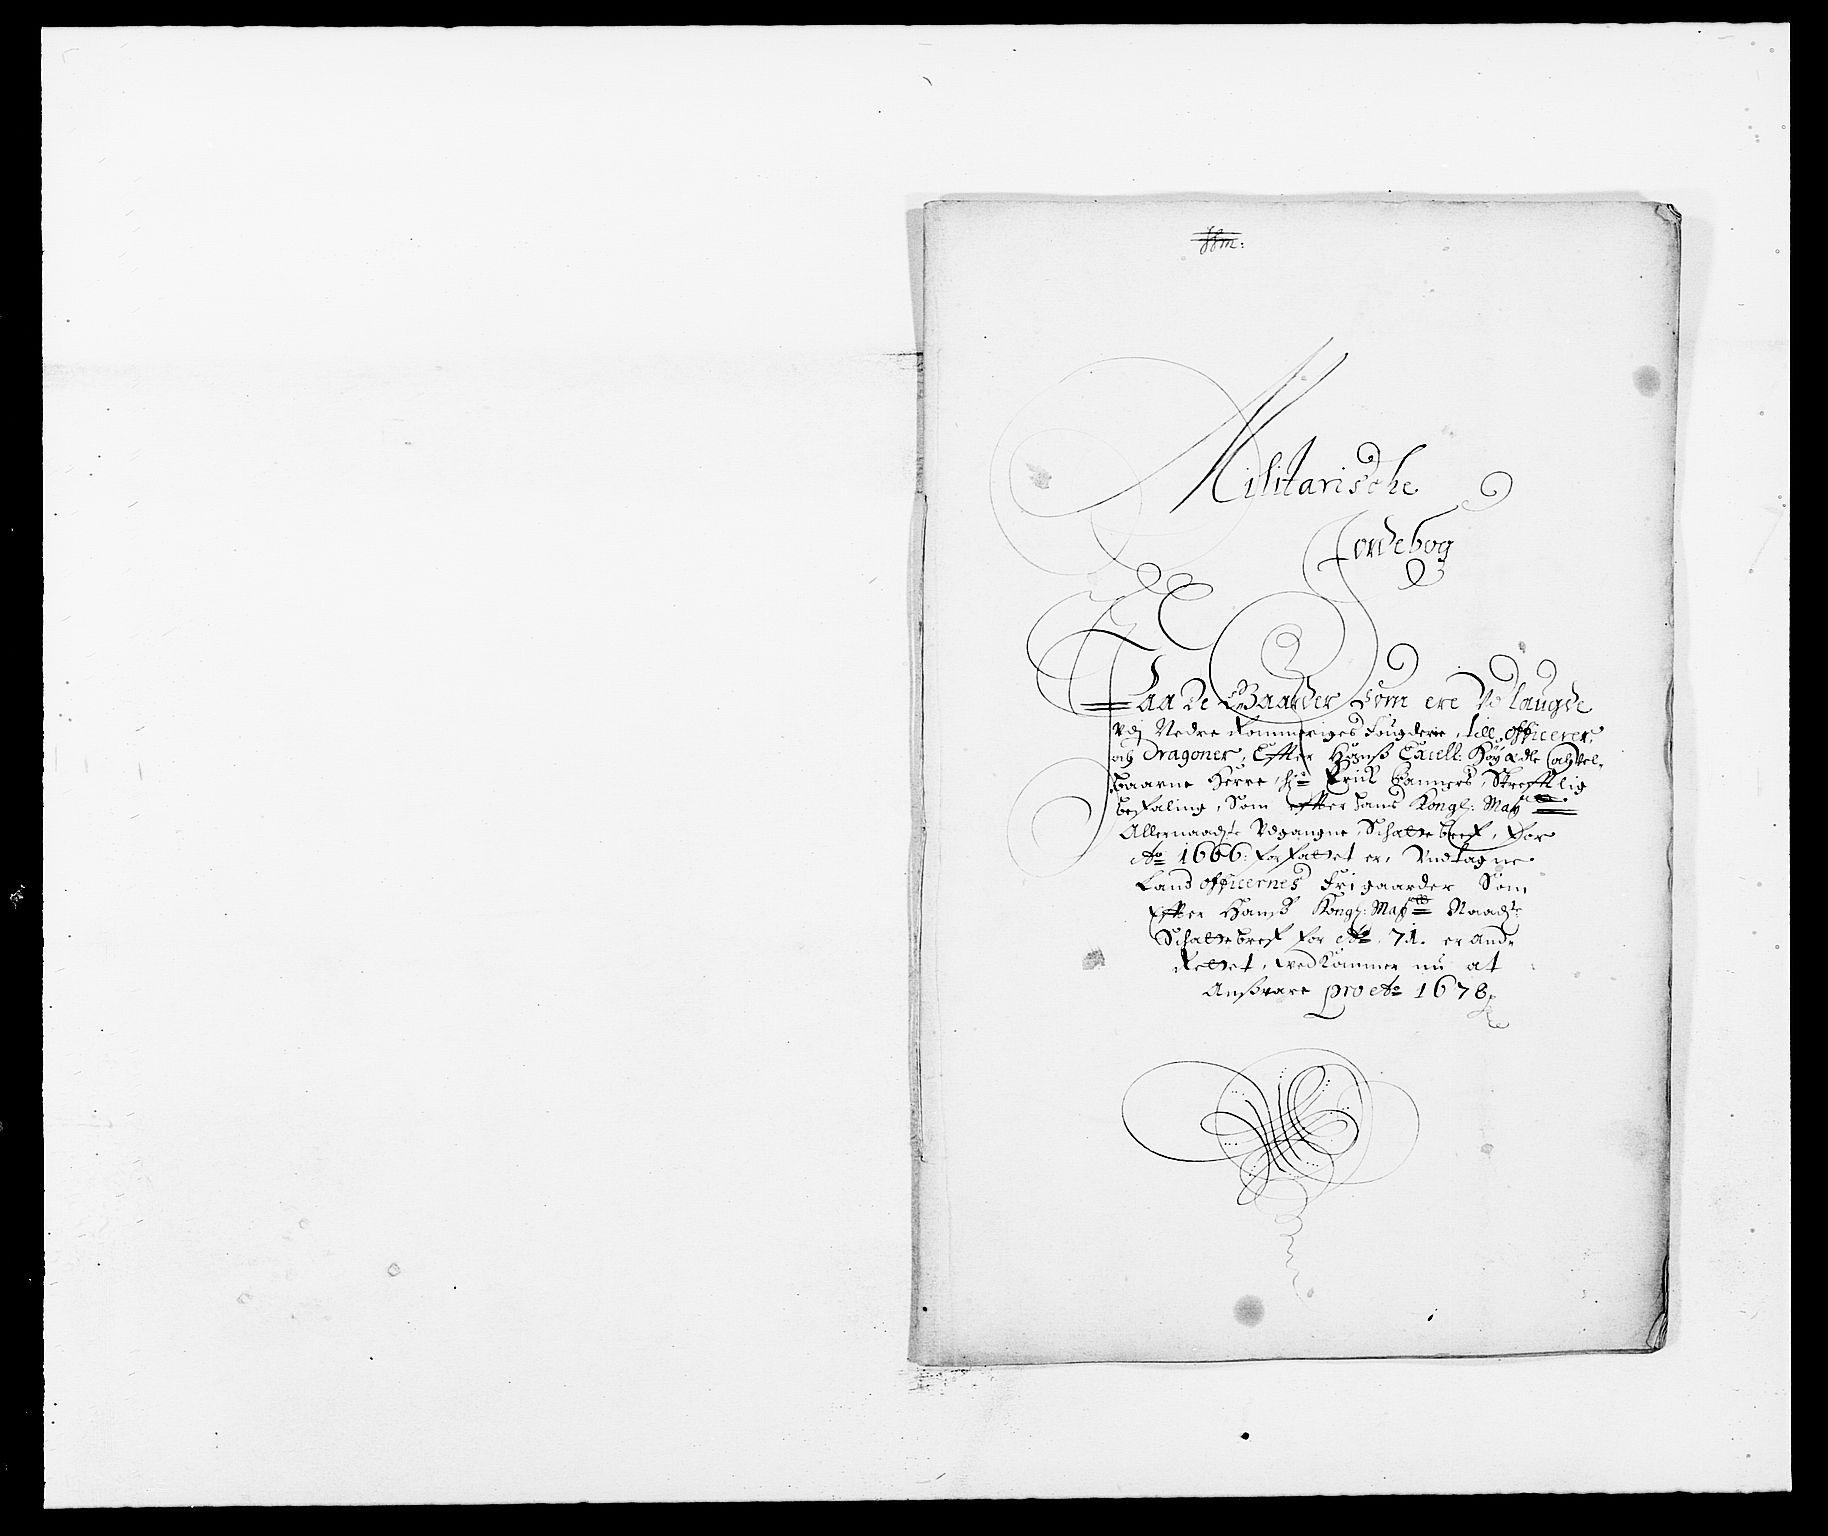 RA, Rentekammeret inntil 1814, Reviderte regnskaper, Fogderegnskap, R11/L0567: Fogderegnskap Nedre Romerike, 1678, s. 248